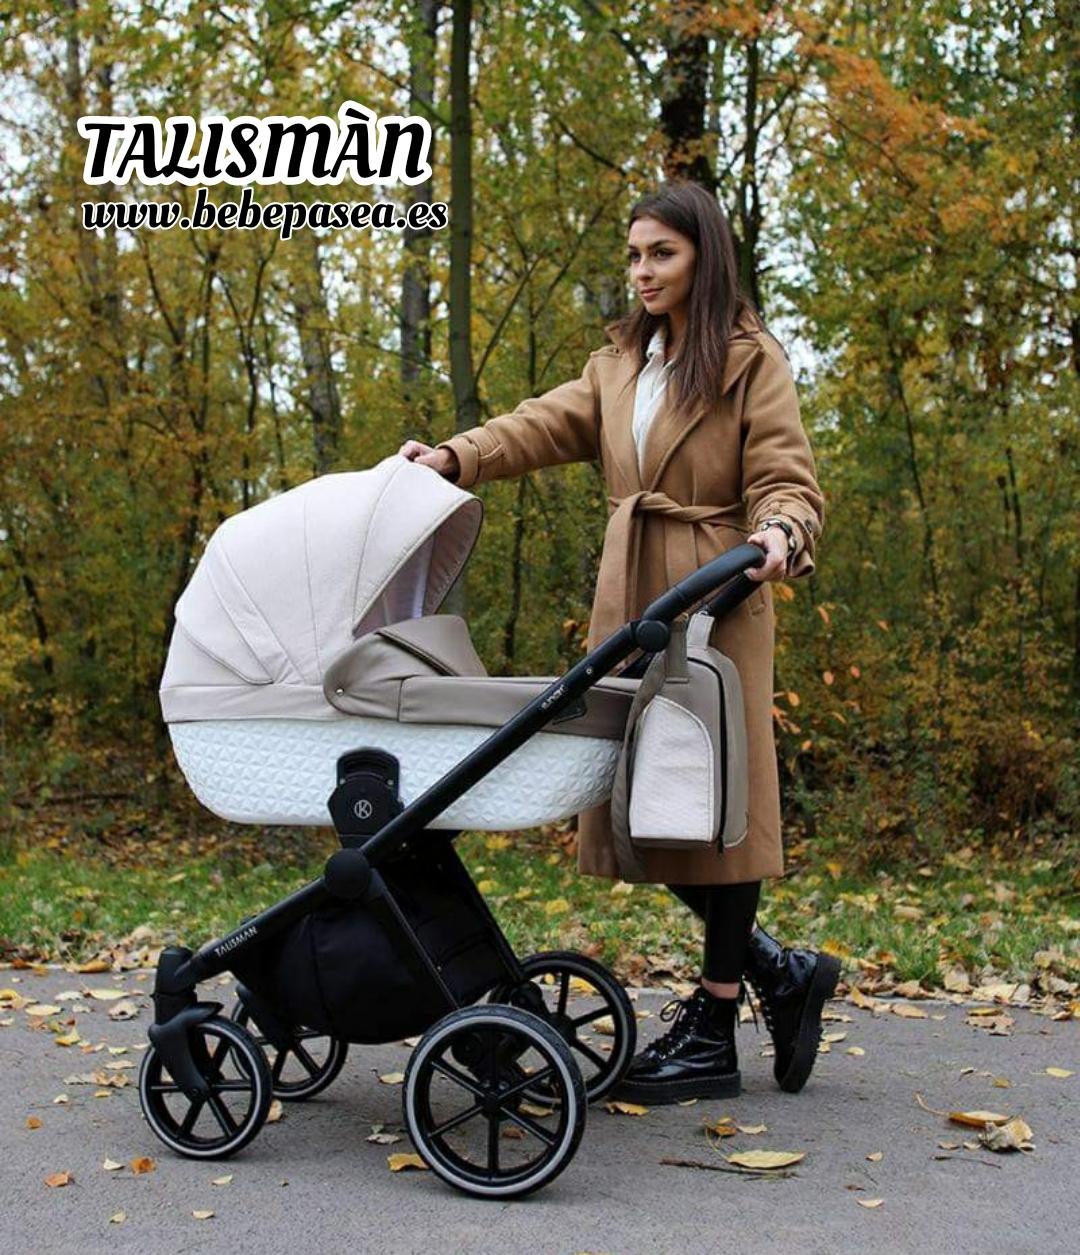 Carrito de bebé Talisman kunert